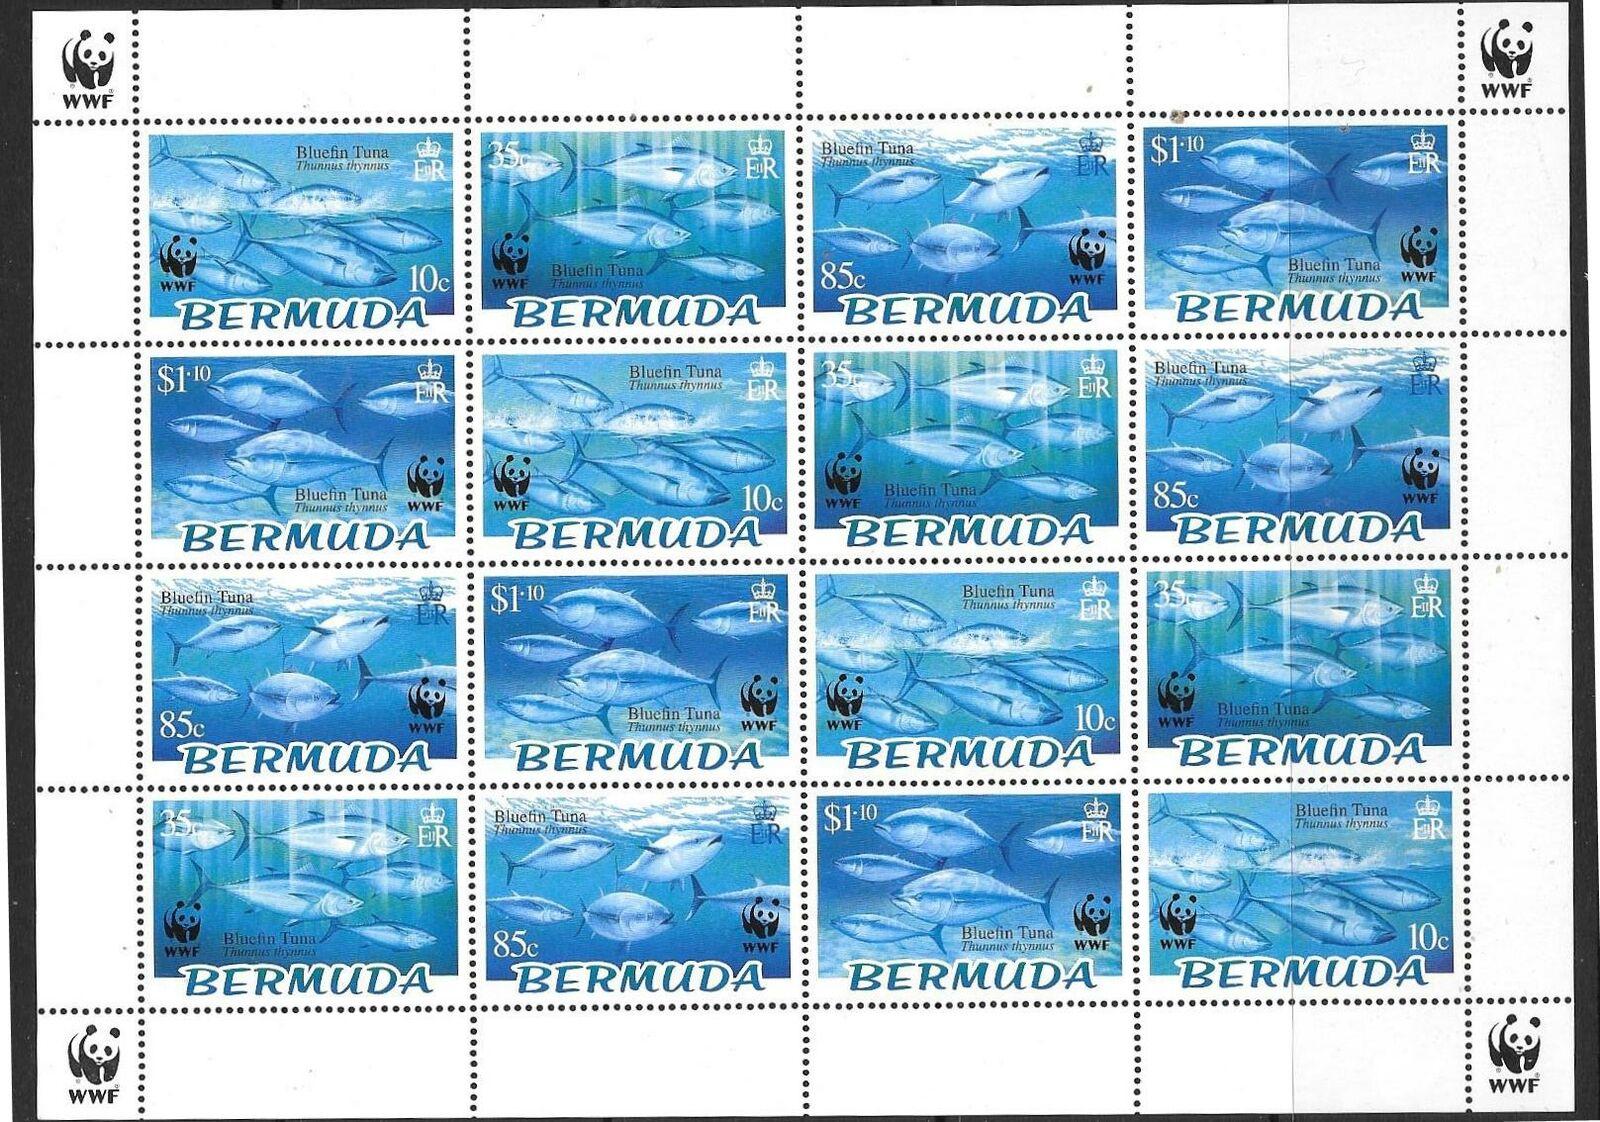 BERMUDA SG938/41 2004 BLUEFIN TUNA SHEETLET MNH